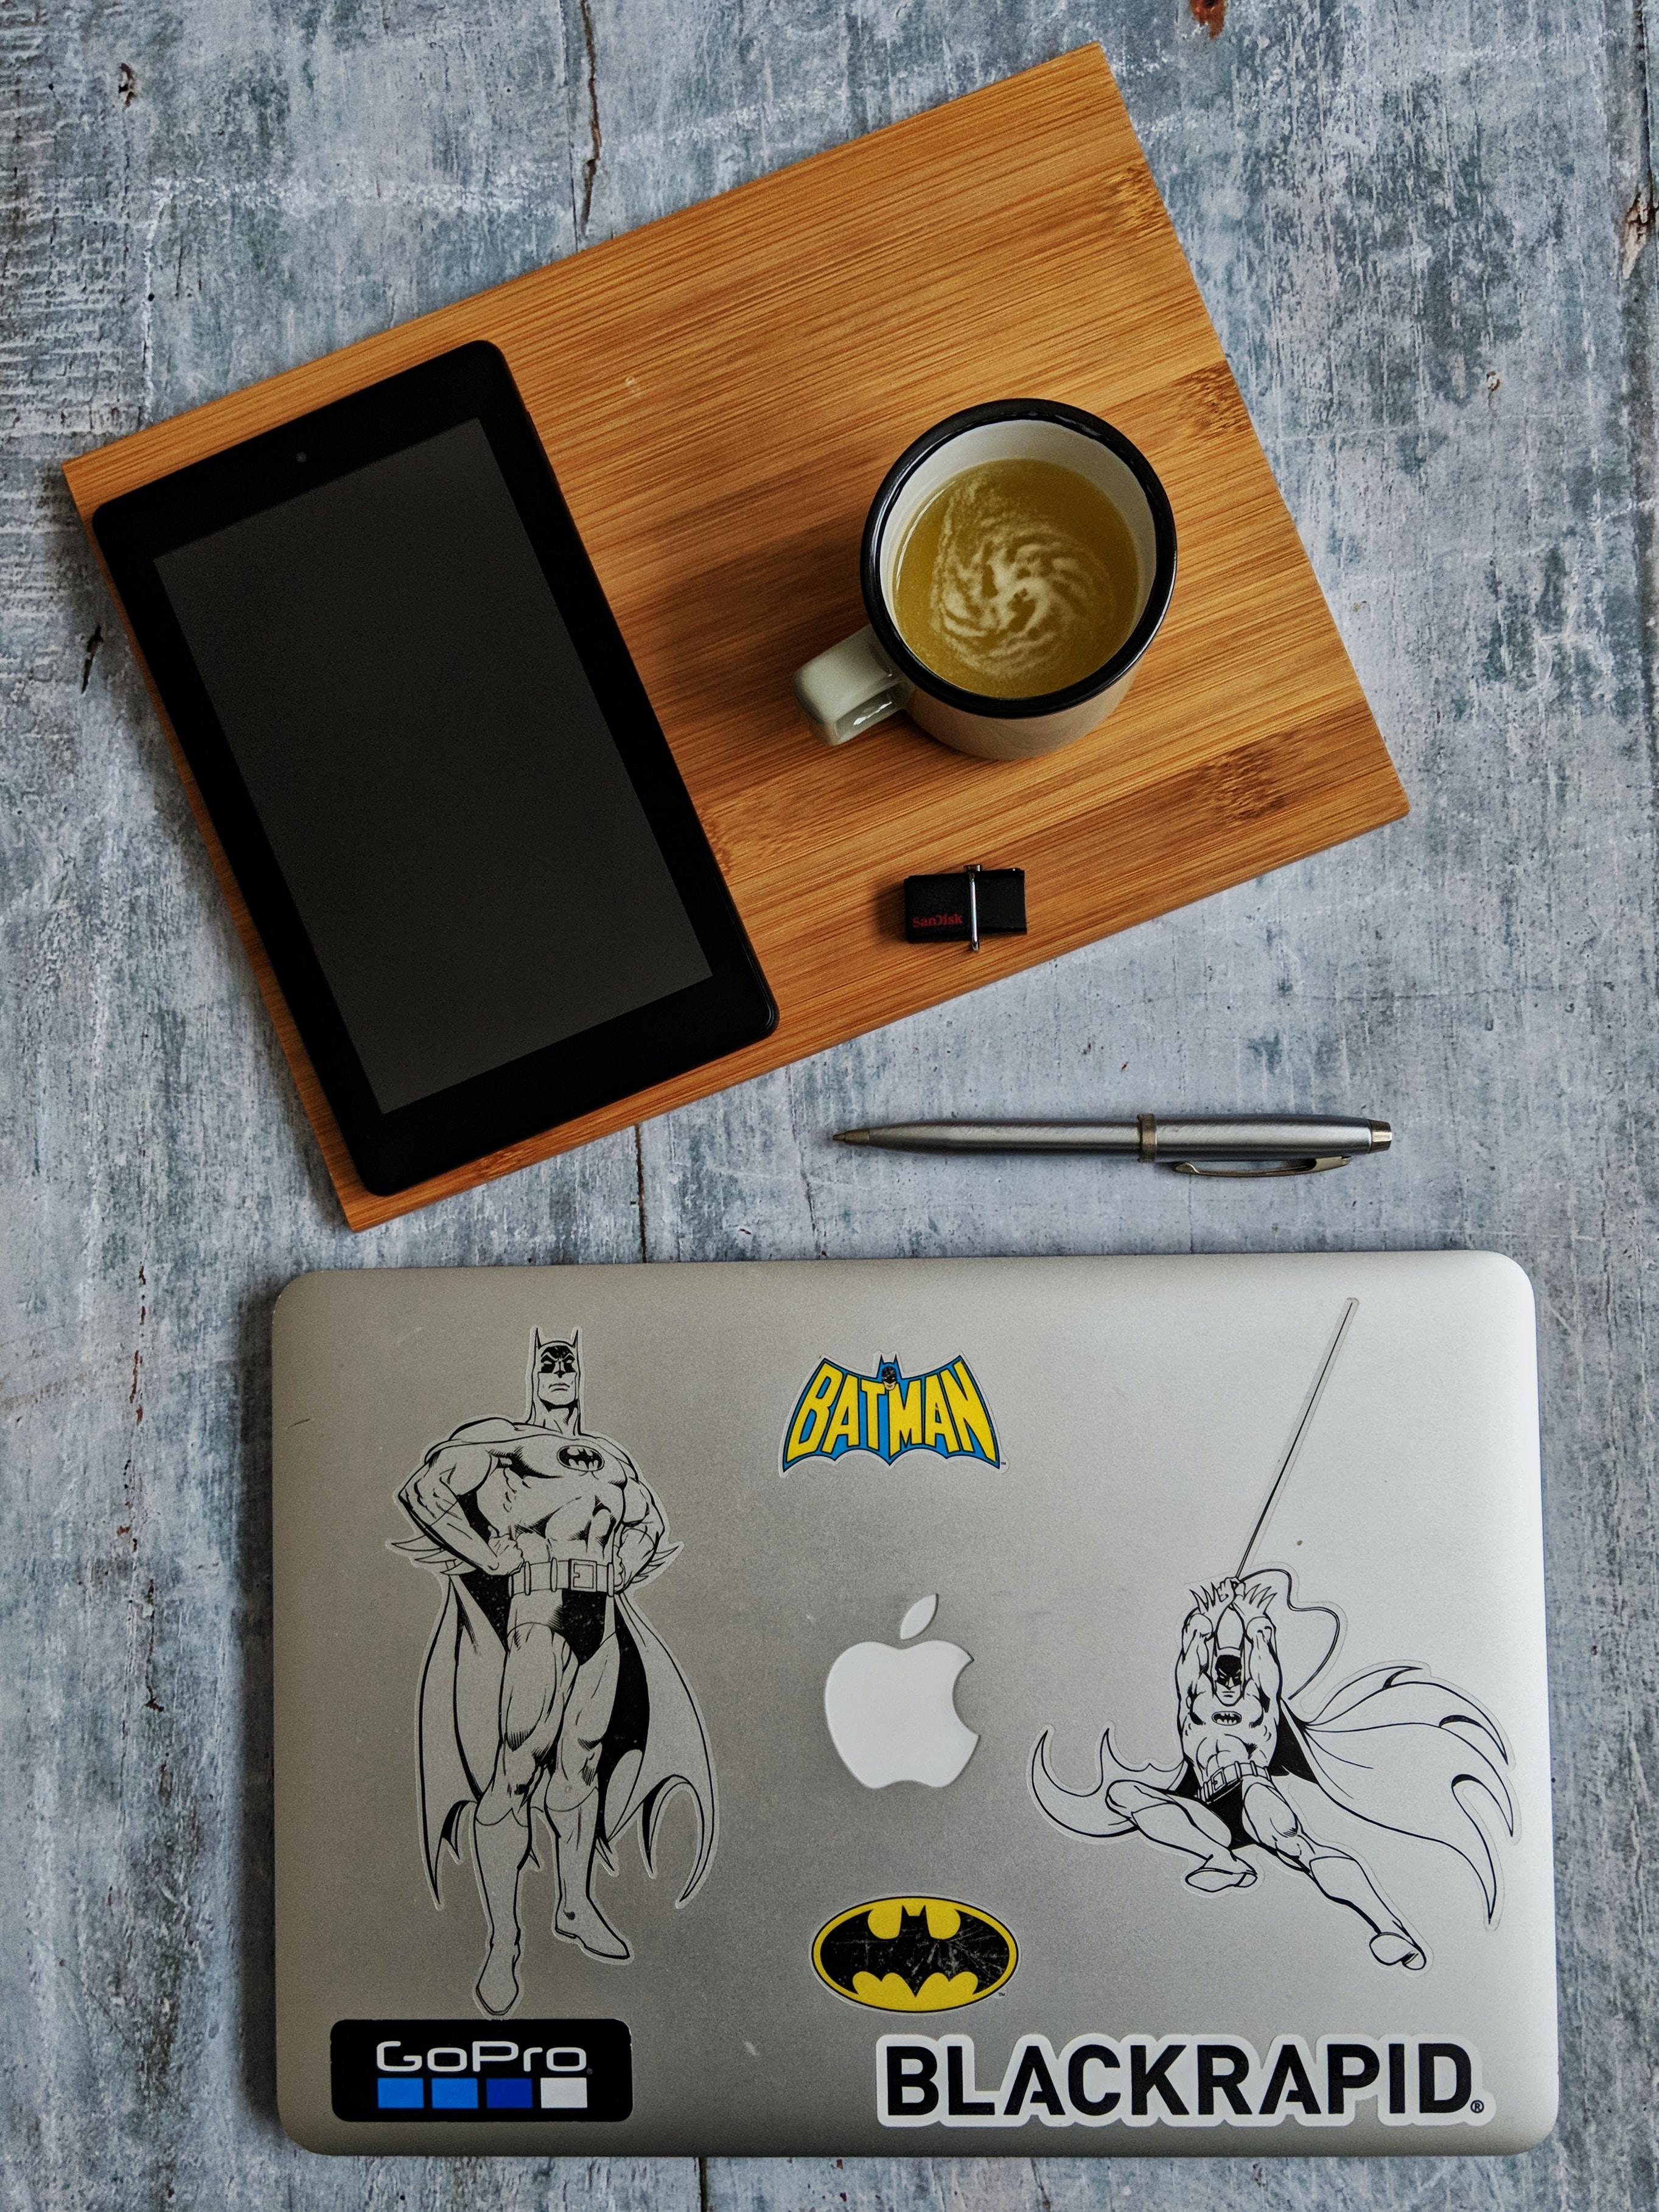 MacBook Air Near table computer